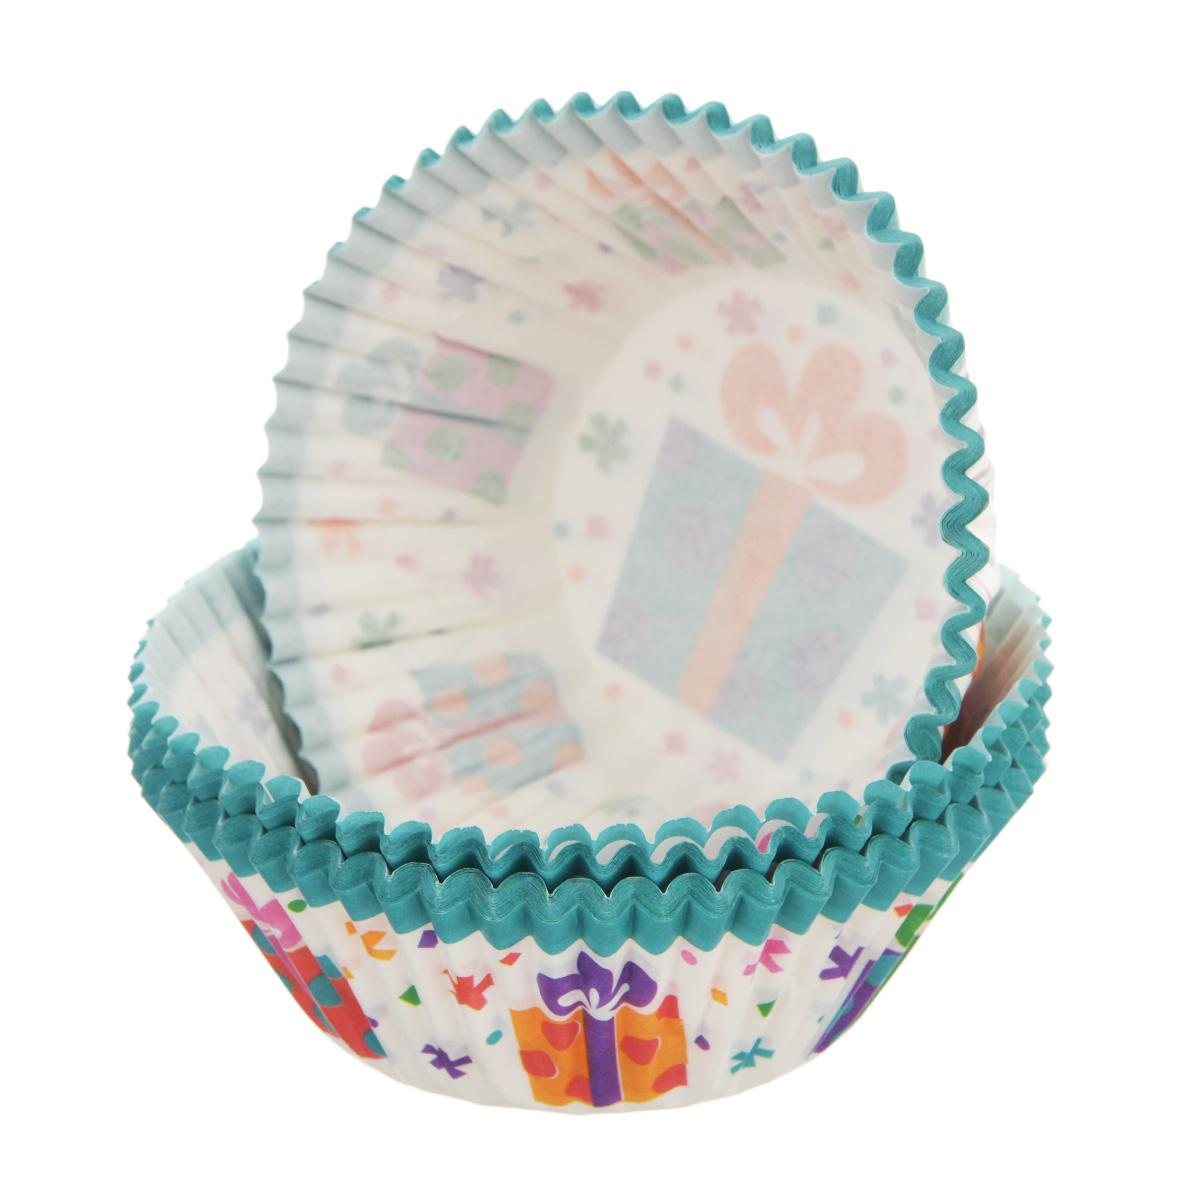 Набор бумажных форм для кексов Wilton Праздник, диаметр 5 см, 75 шт300180_синийНабор Wilton Праздник состоит из 75 бумажных форм для кексов. Они предназначены для выпечки и упаковки кондитерских изделий, также могут использоваться для сервировки орешков, конфет и прочего. Формы не требуют предварительной смазки маслом или жиром. Для одноразового применения. Гофрированные бумажные формы идеальны для выпечки кексов, булочек и пирожных. Диаметр по верхнему краю: 7,4 см.Диаметр по нижнему краю: 5 см.Высота стенки: 3 см. Комплектация: 75 шт.